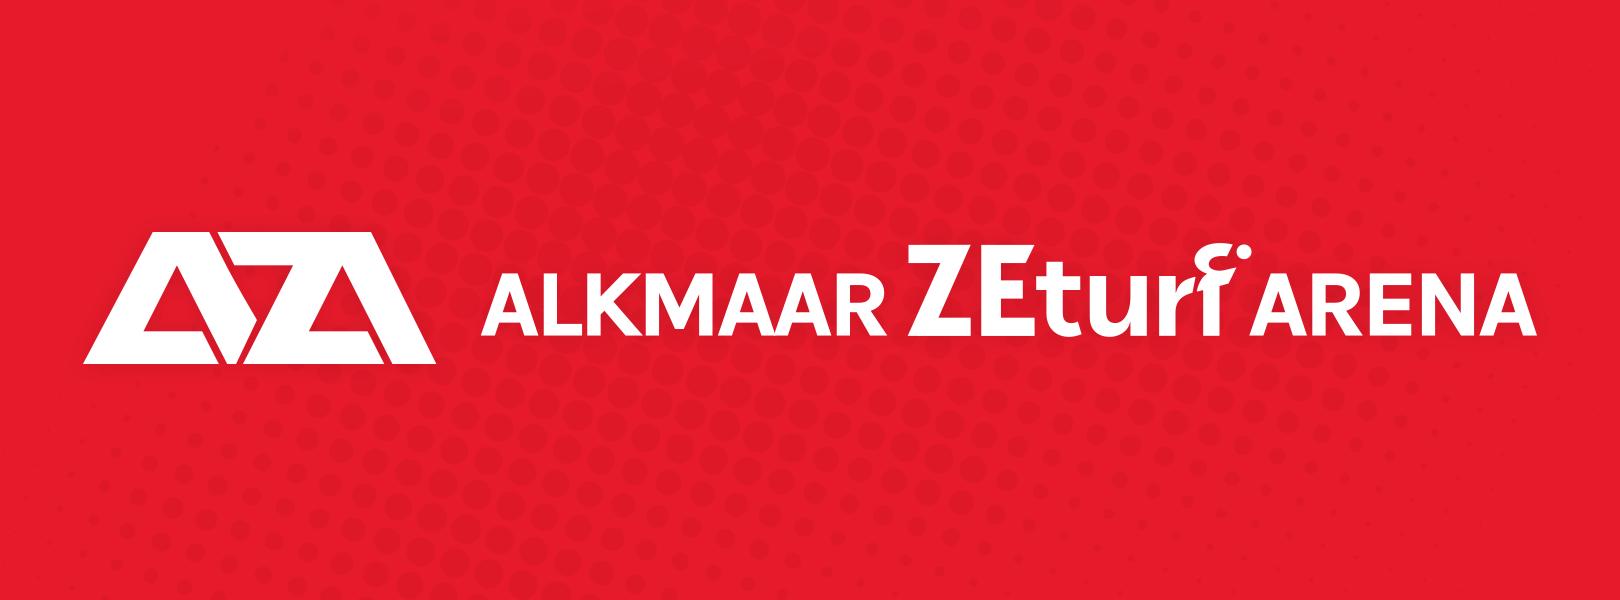 Deelnemers Alkmaar zondag 4 oktober 2020